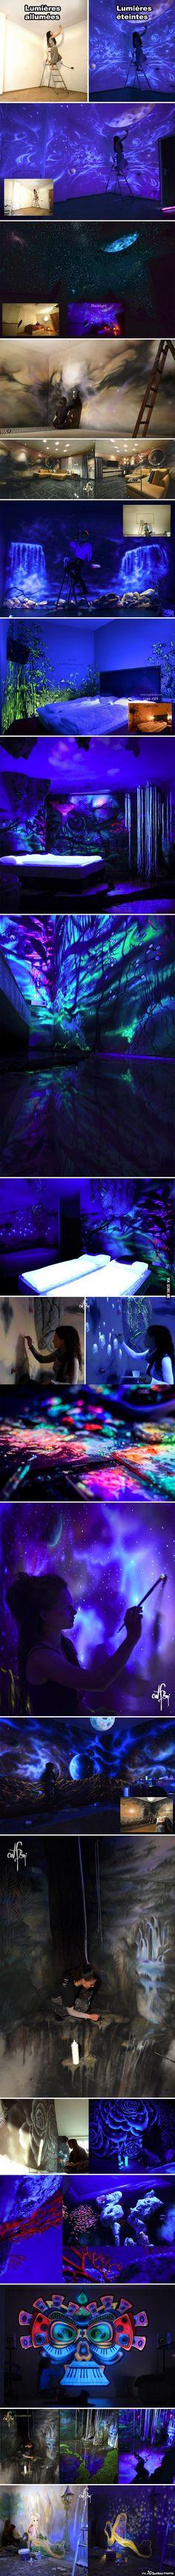 WOW, Je veux TELLEMENT cette chambre! – Québec Meme +